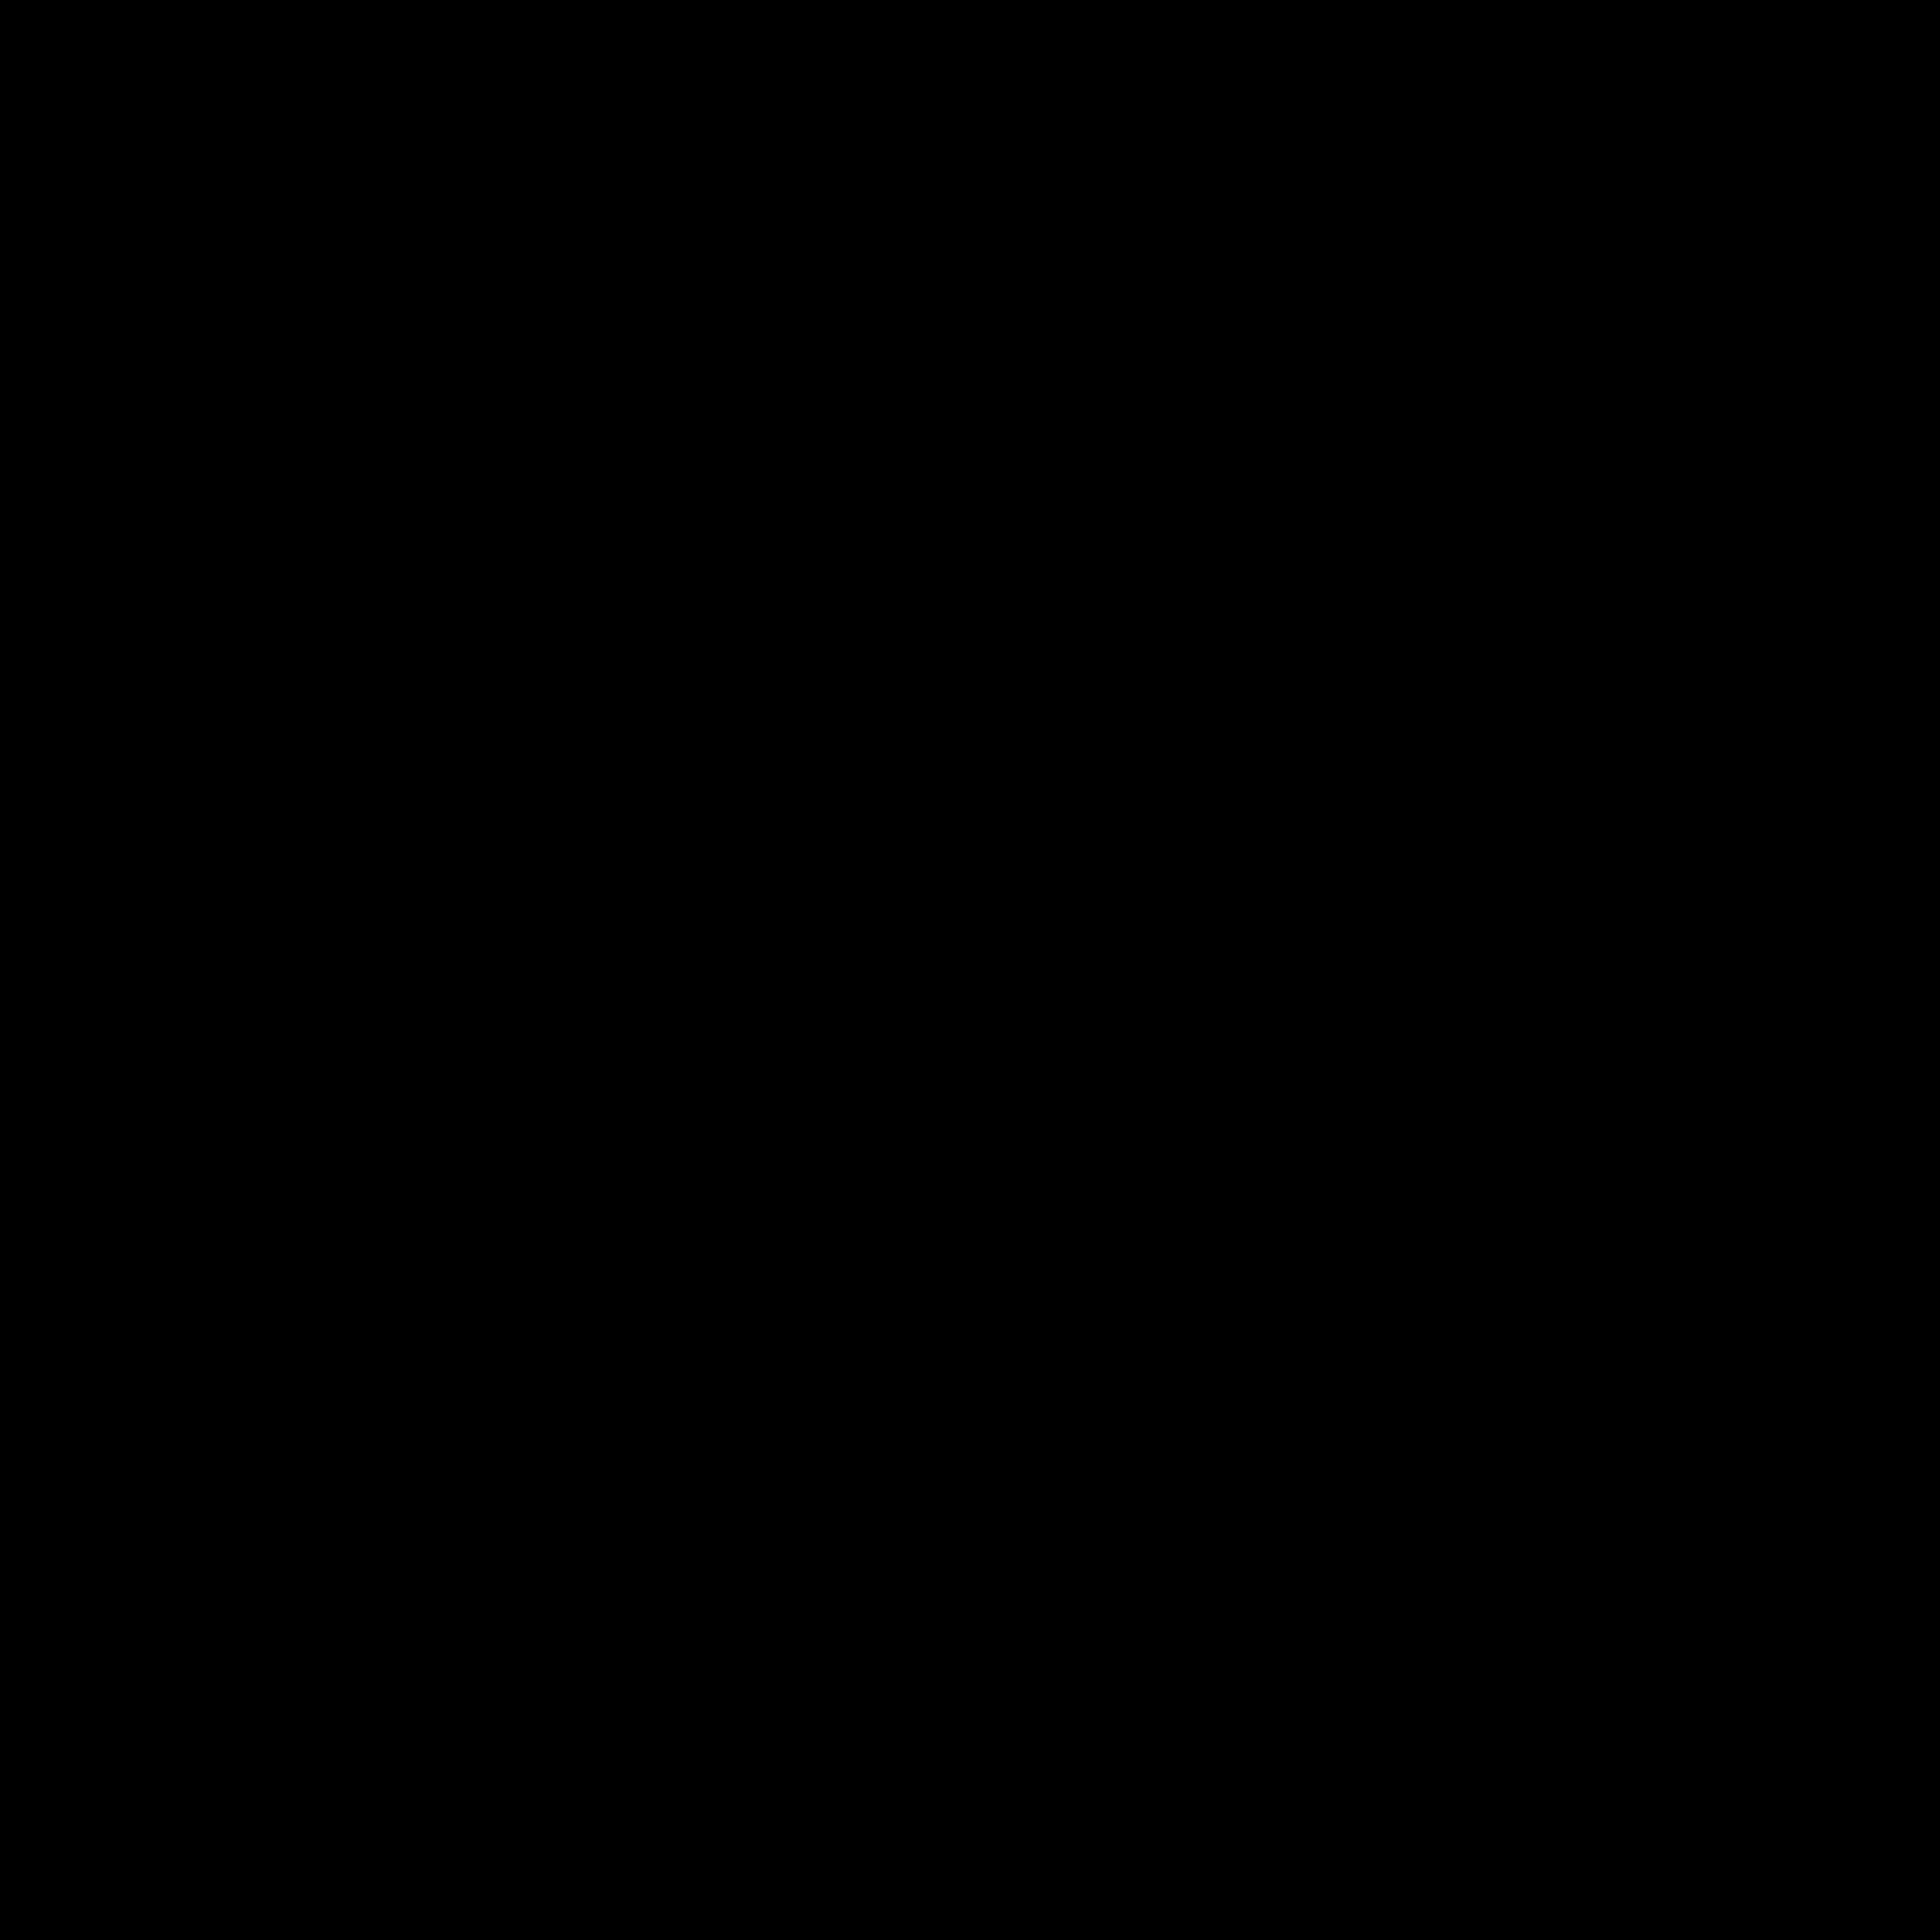 Naklejka na ścianę odrzutowiec 2